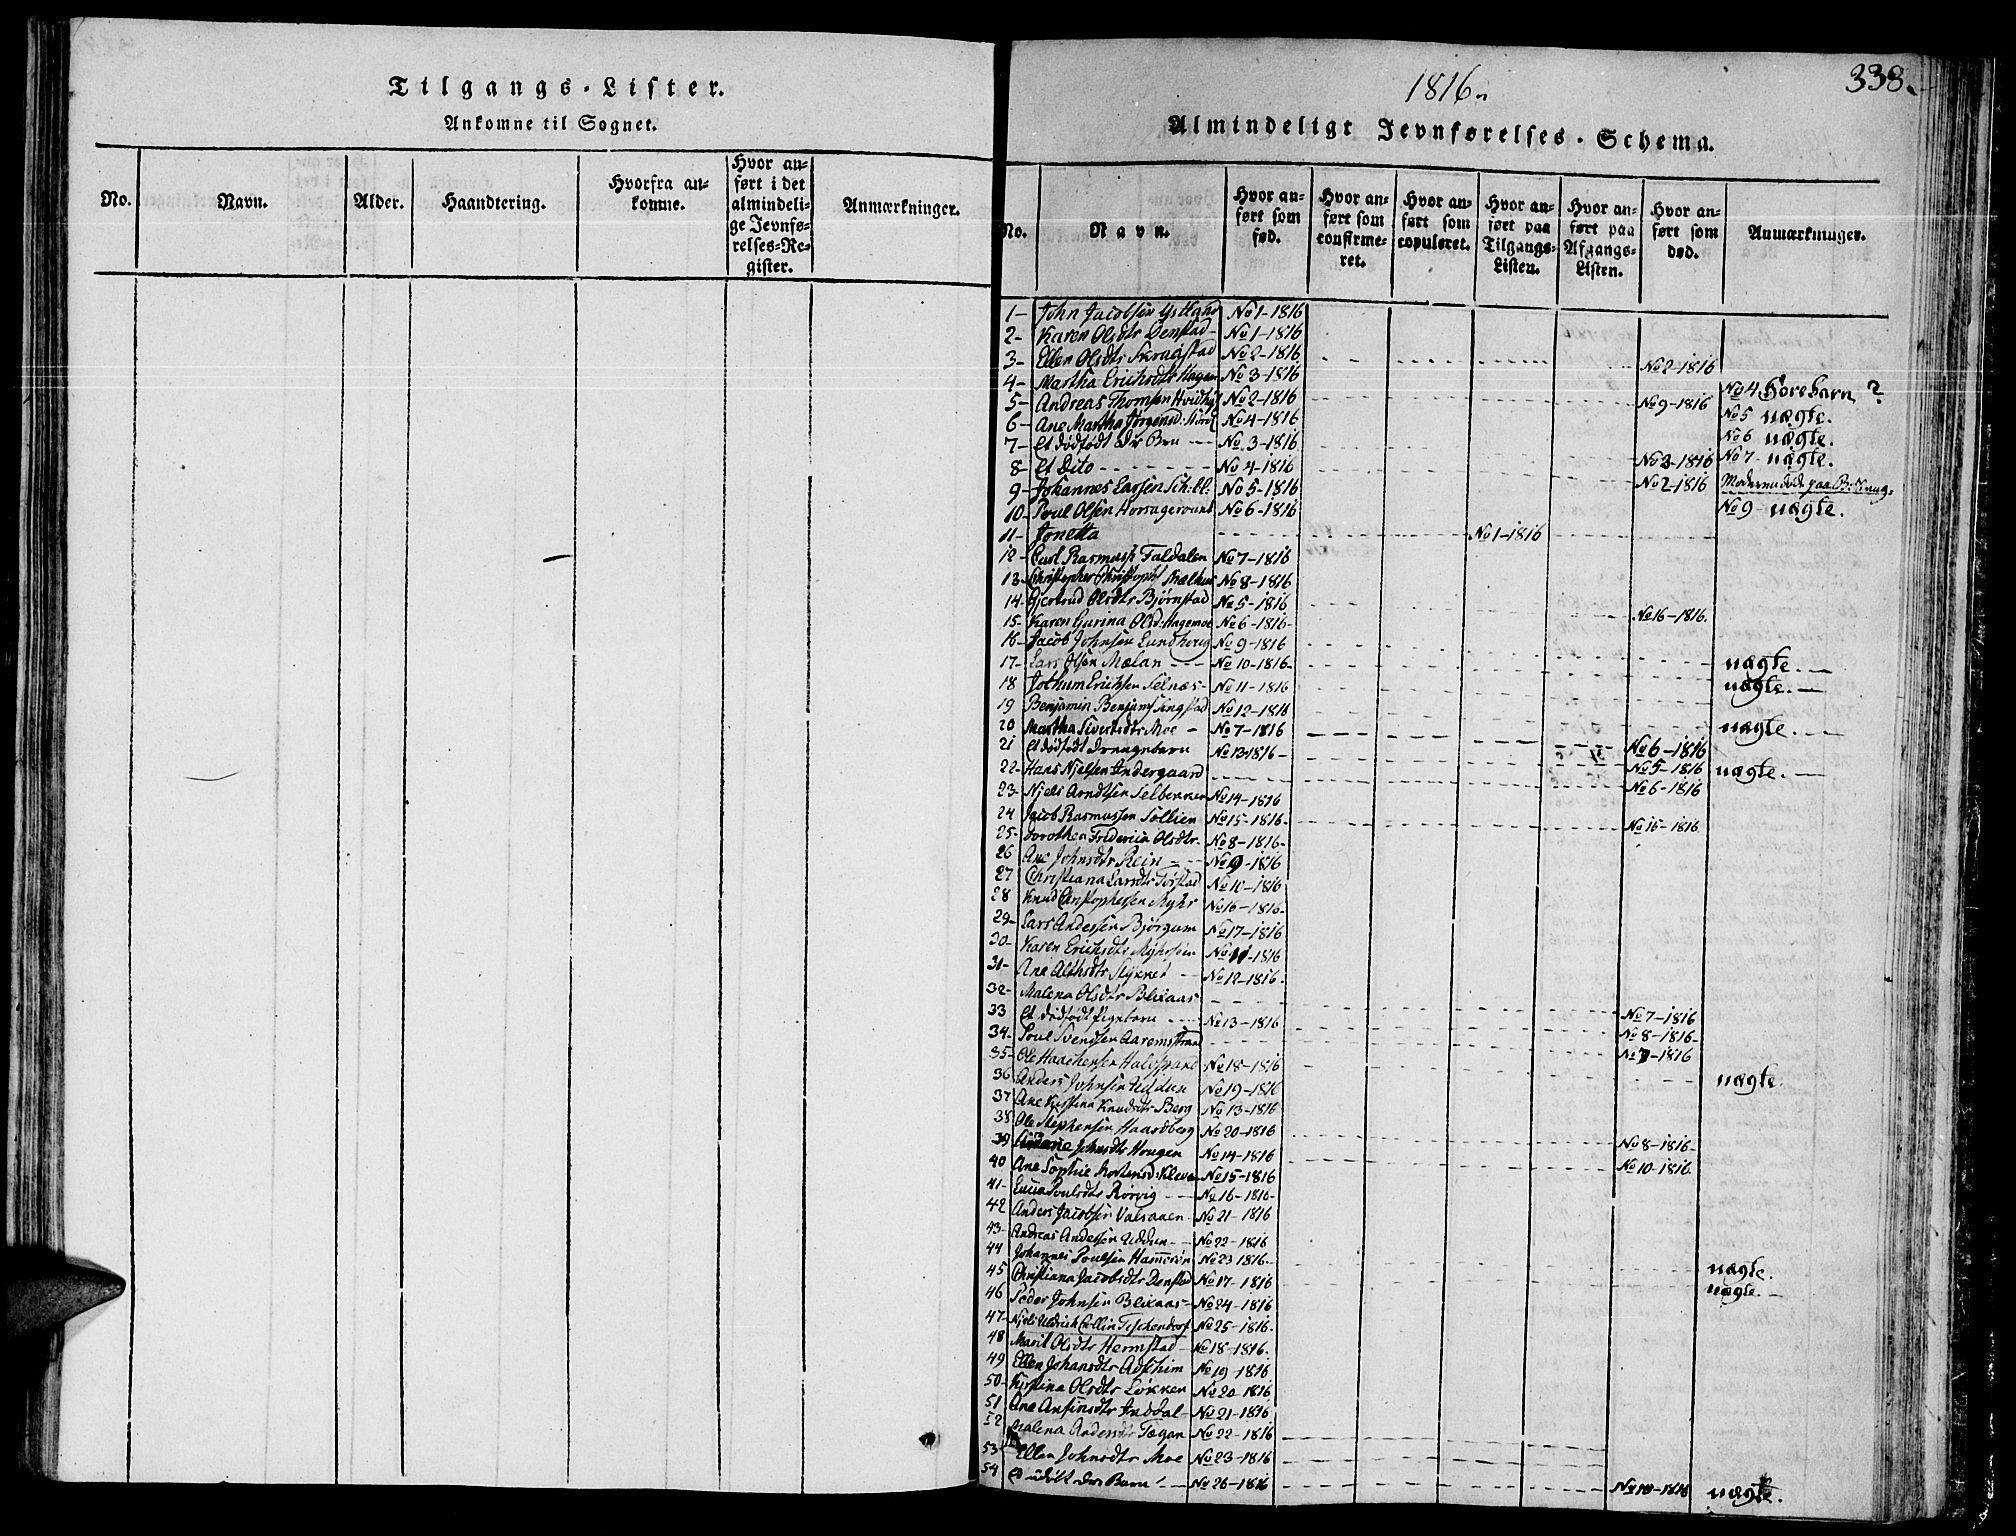 SAT, Ministerialprotokoller, klokkerbøker og fødselsregistre - Sør-Trøndelag, 646/L0608: Ministerialbok nr. 646A06, 1816-1825, s. 338